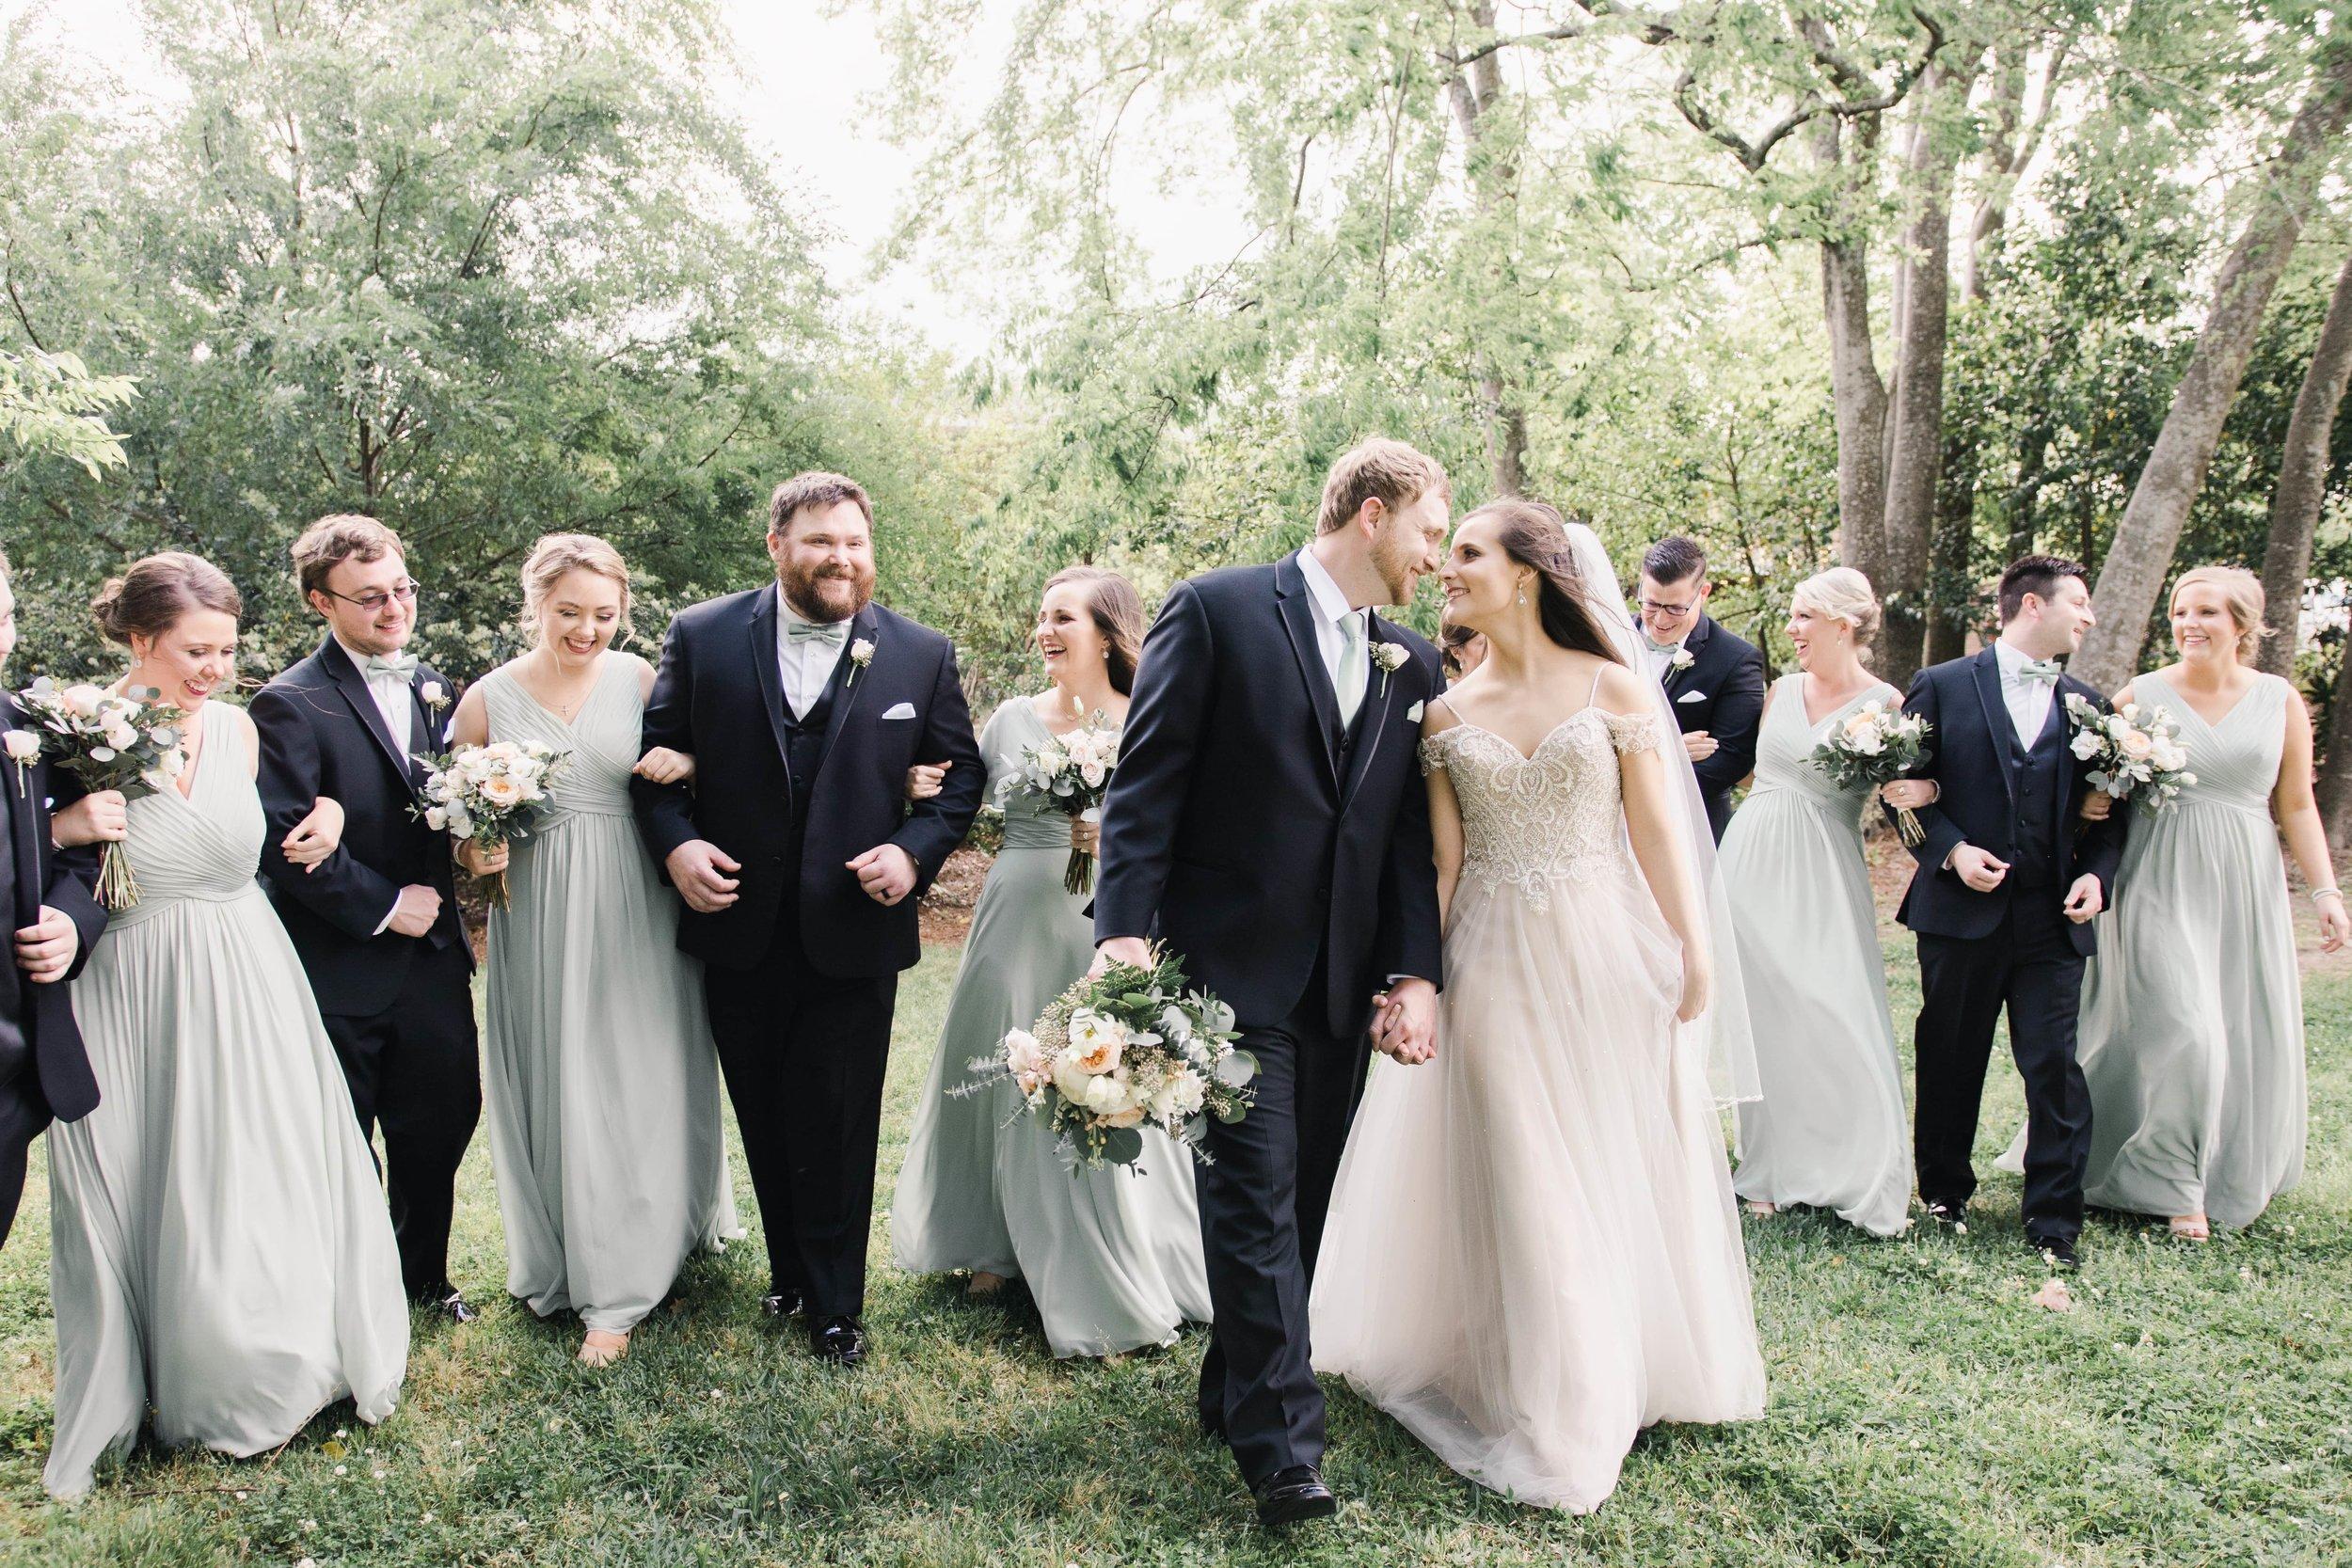 Stewart Wedding 1-31-min.JPG